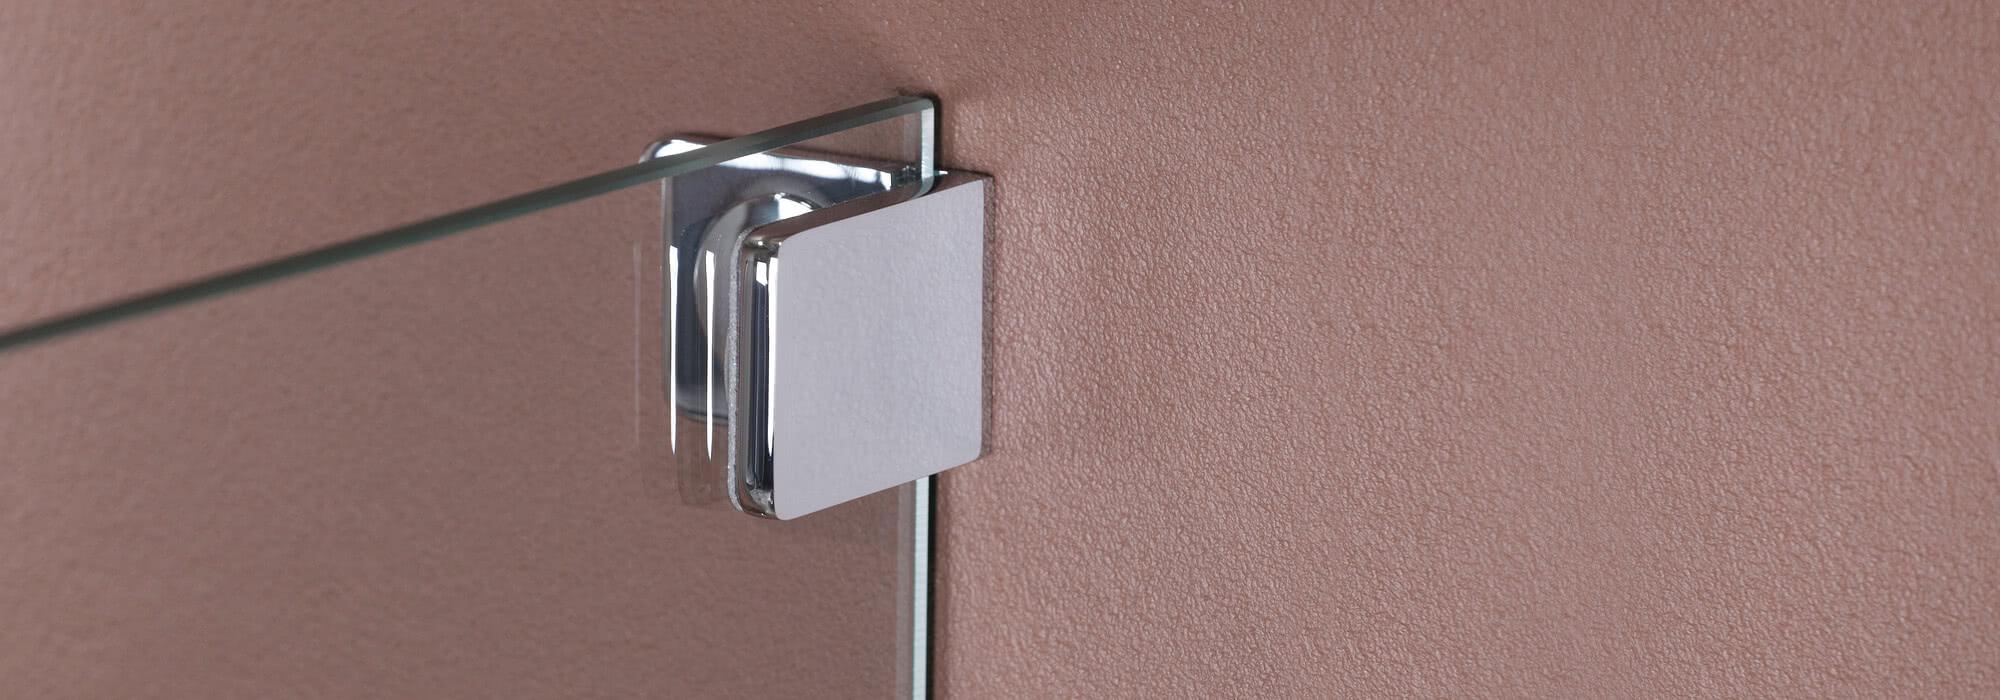 Sprinz bietet verschiedene Möglichkeiten, um eine Glasdusche an der Wand zu befestigen, beispielsweise mit einem Wandwinkel